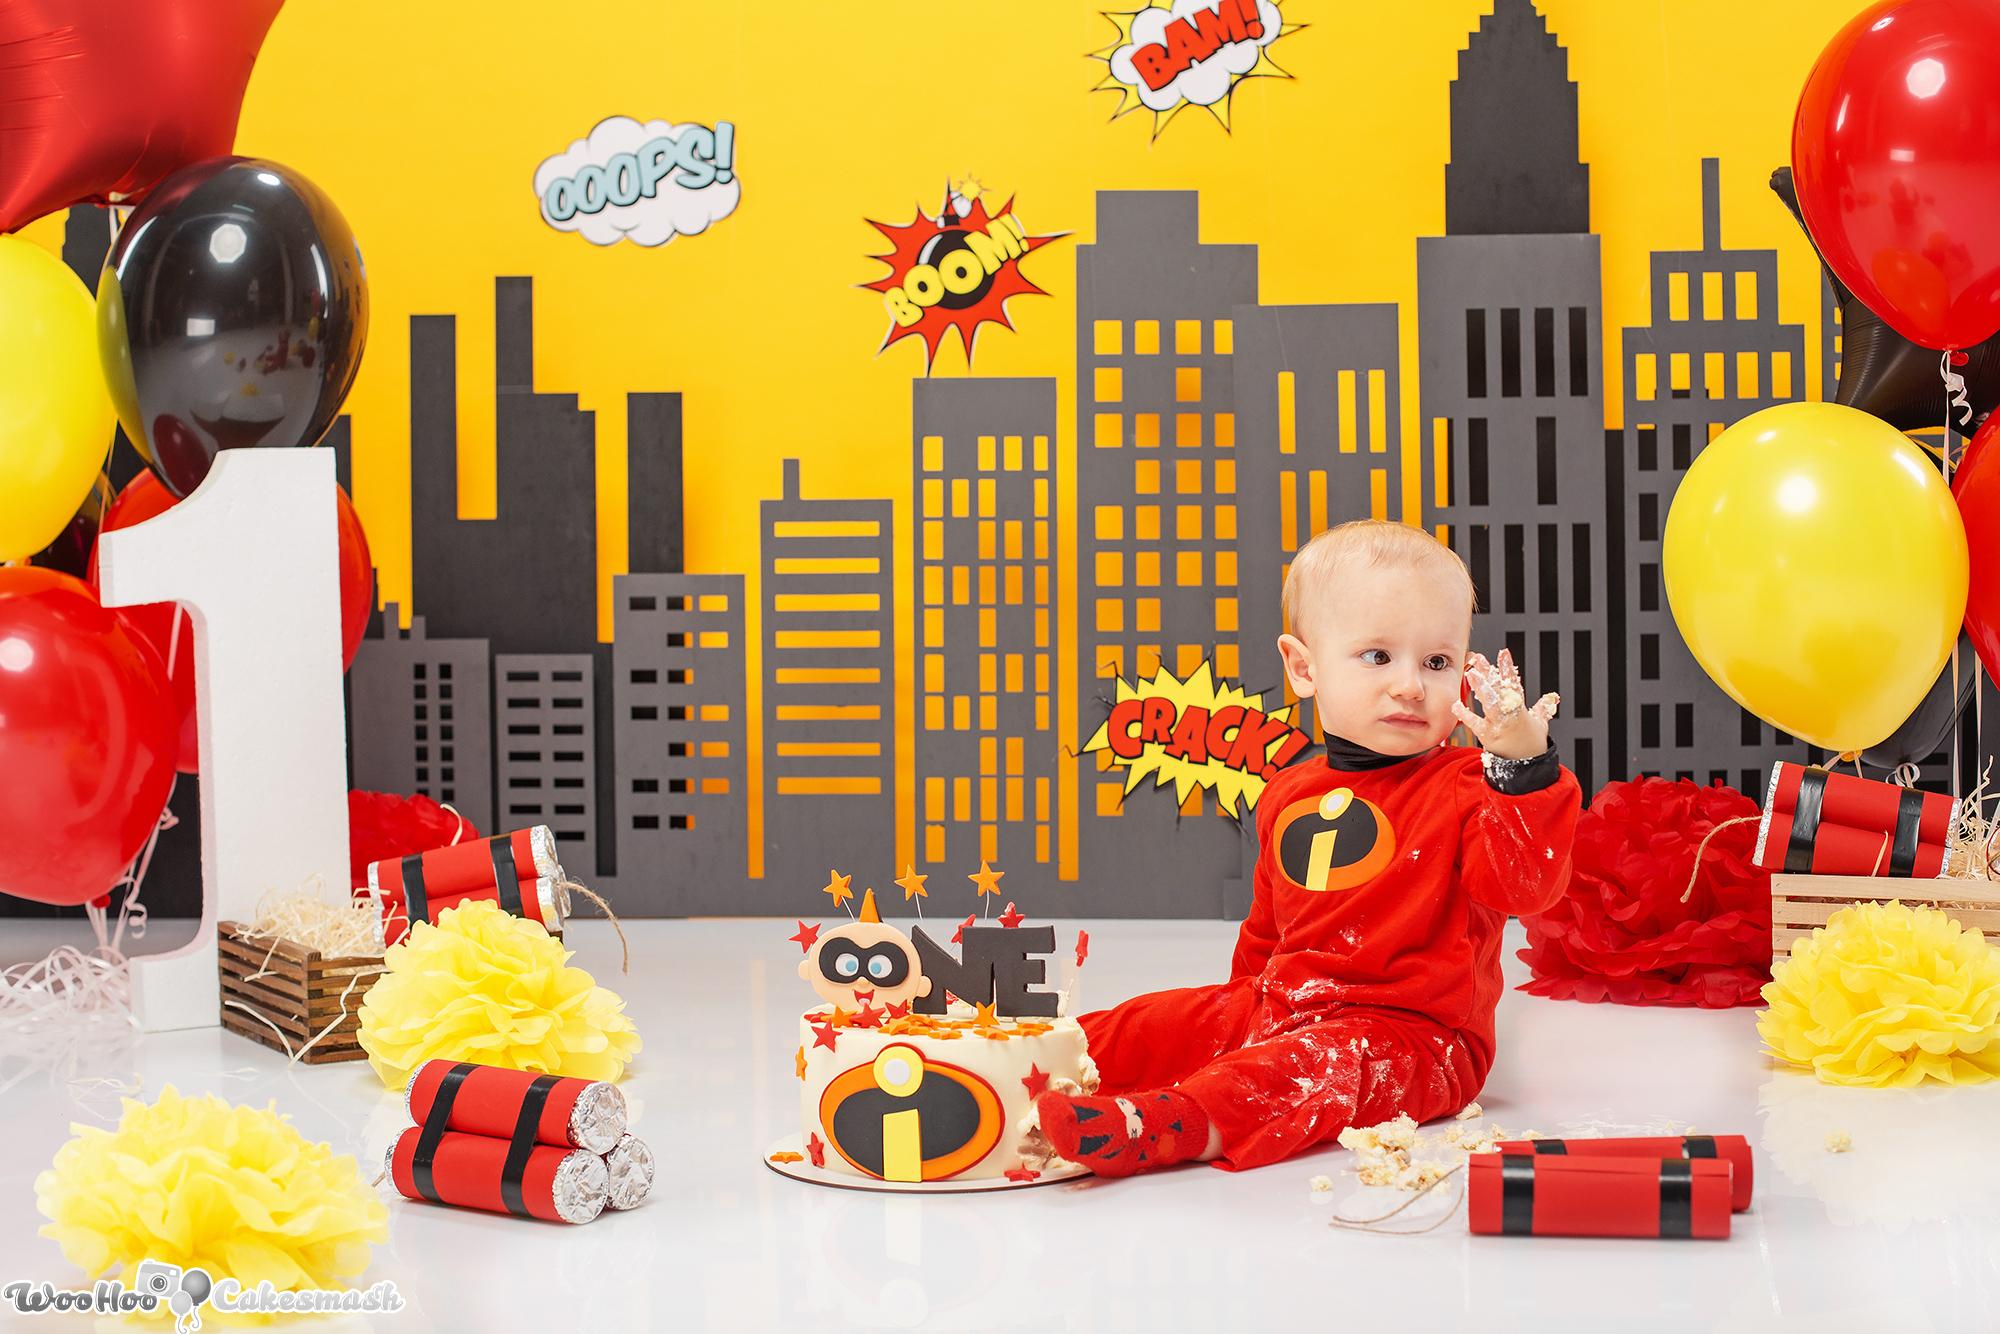 woohoo_cakesmash_The_Incredibles_5